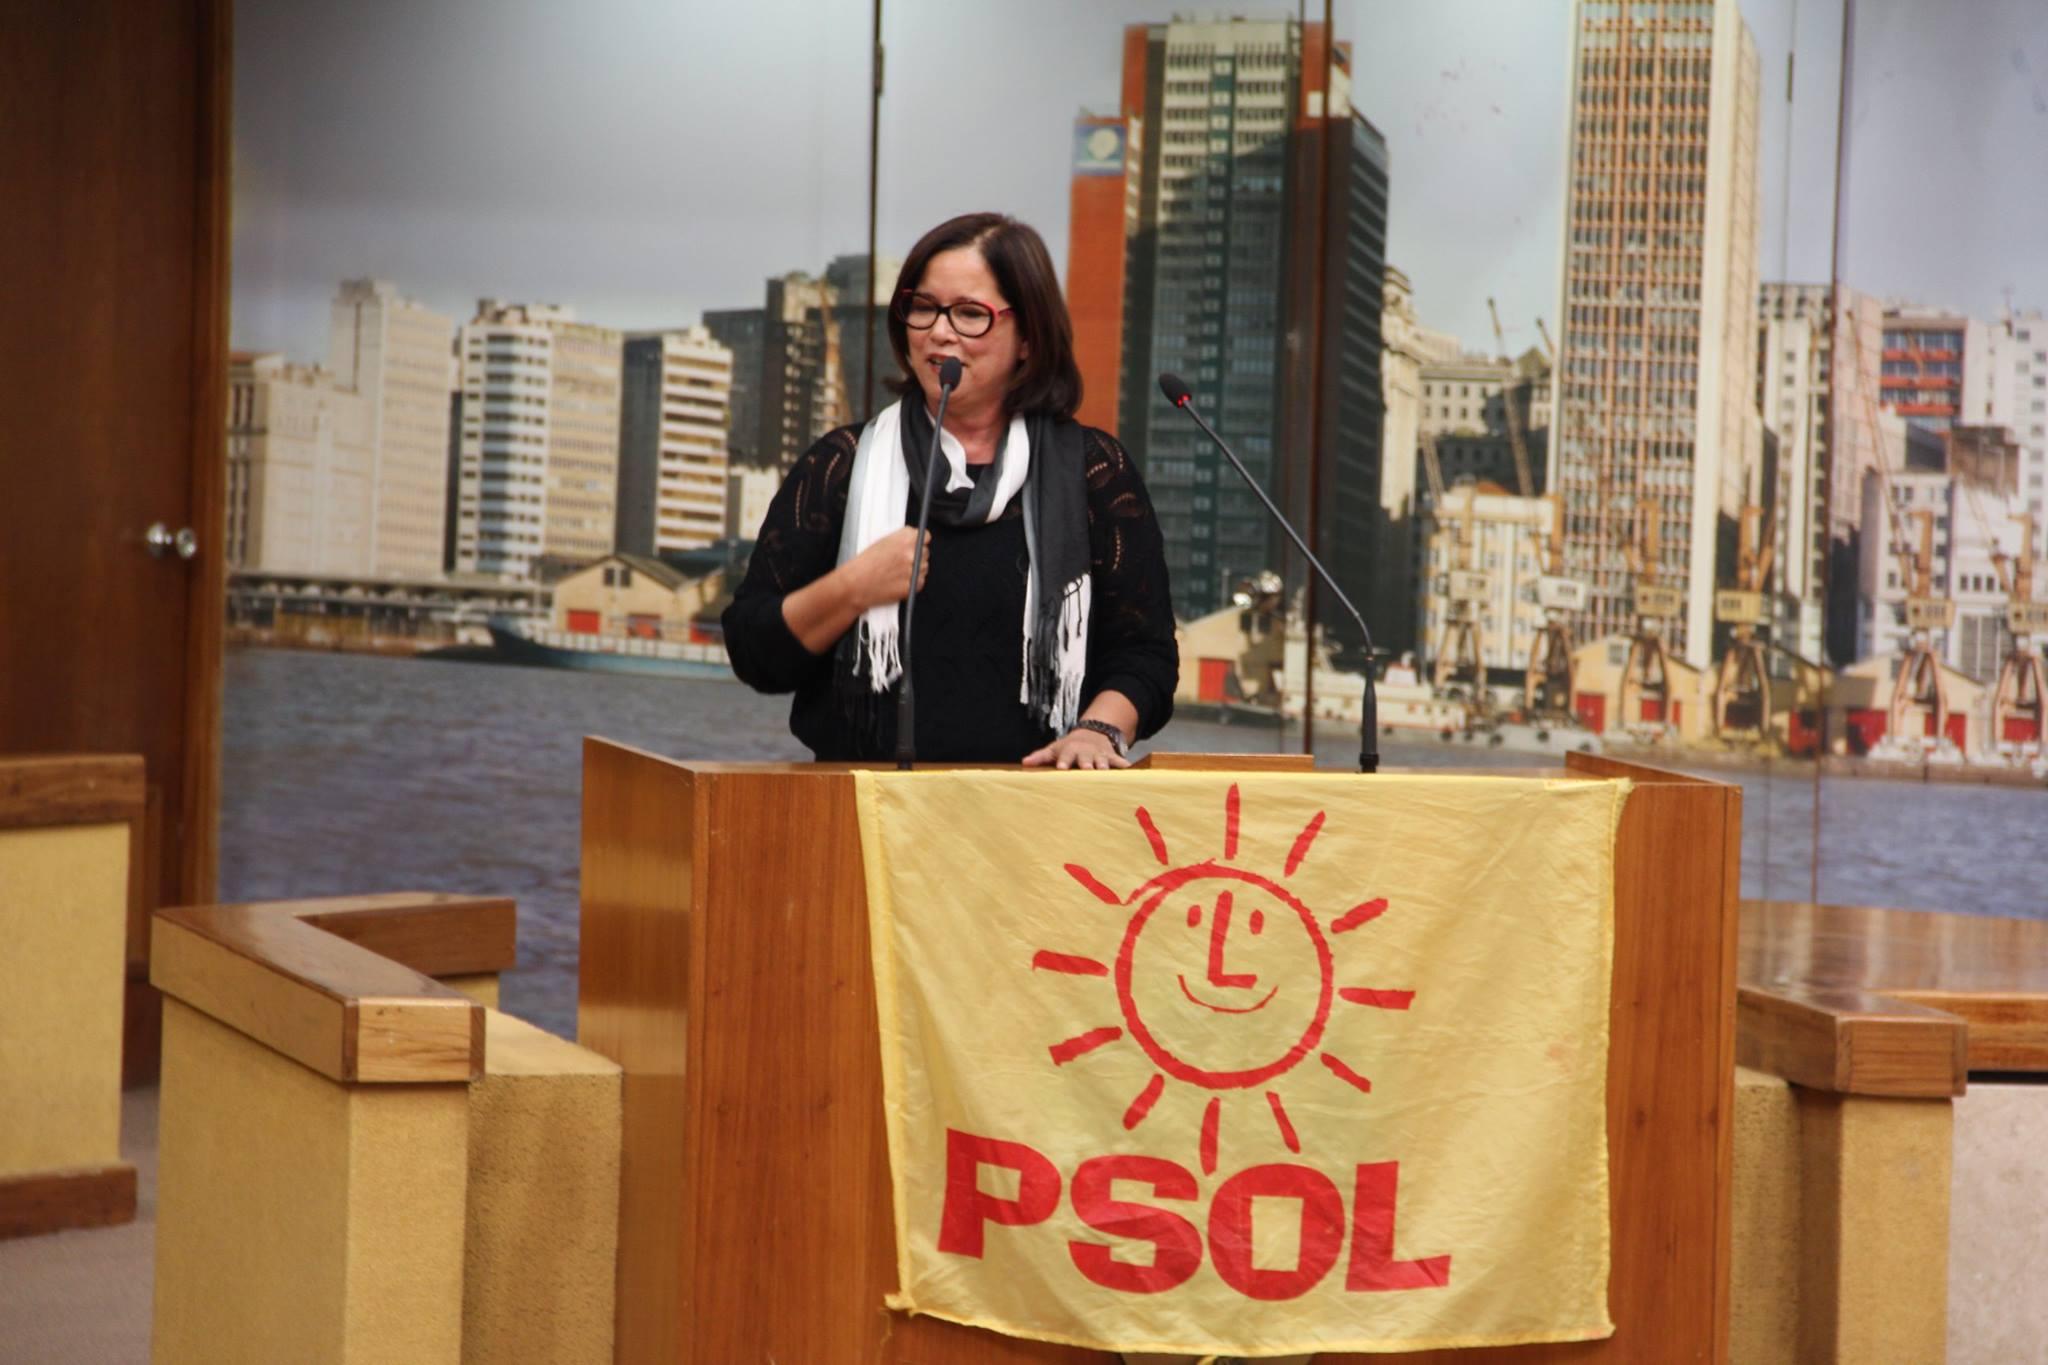 Neida Oliveira da Construção Socialista (CS)